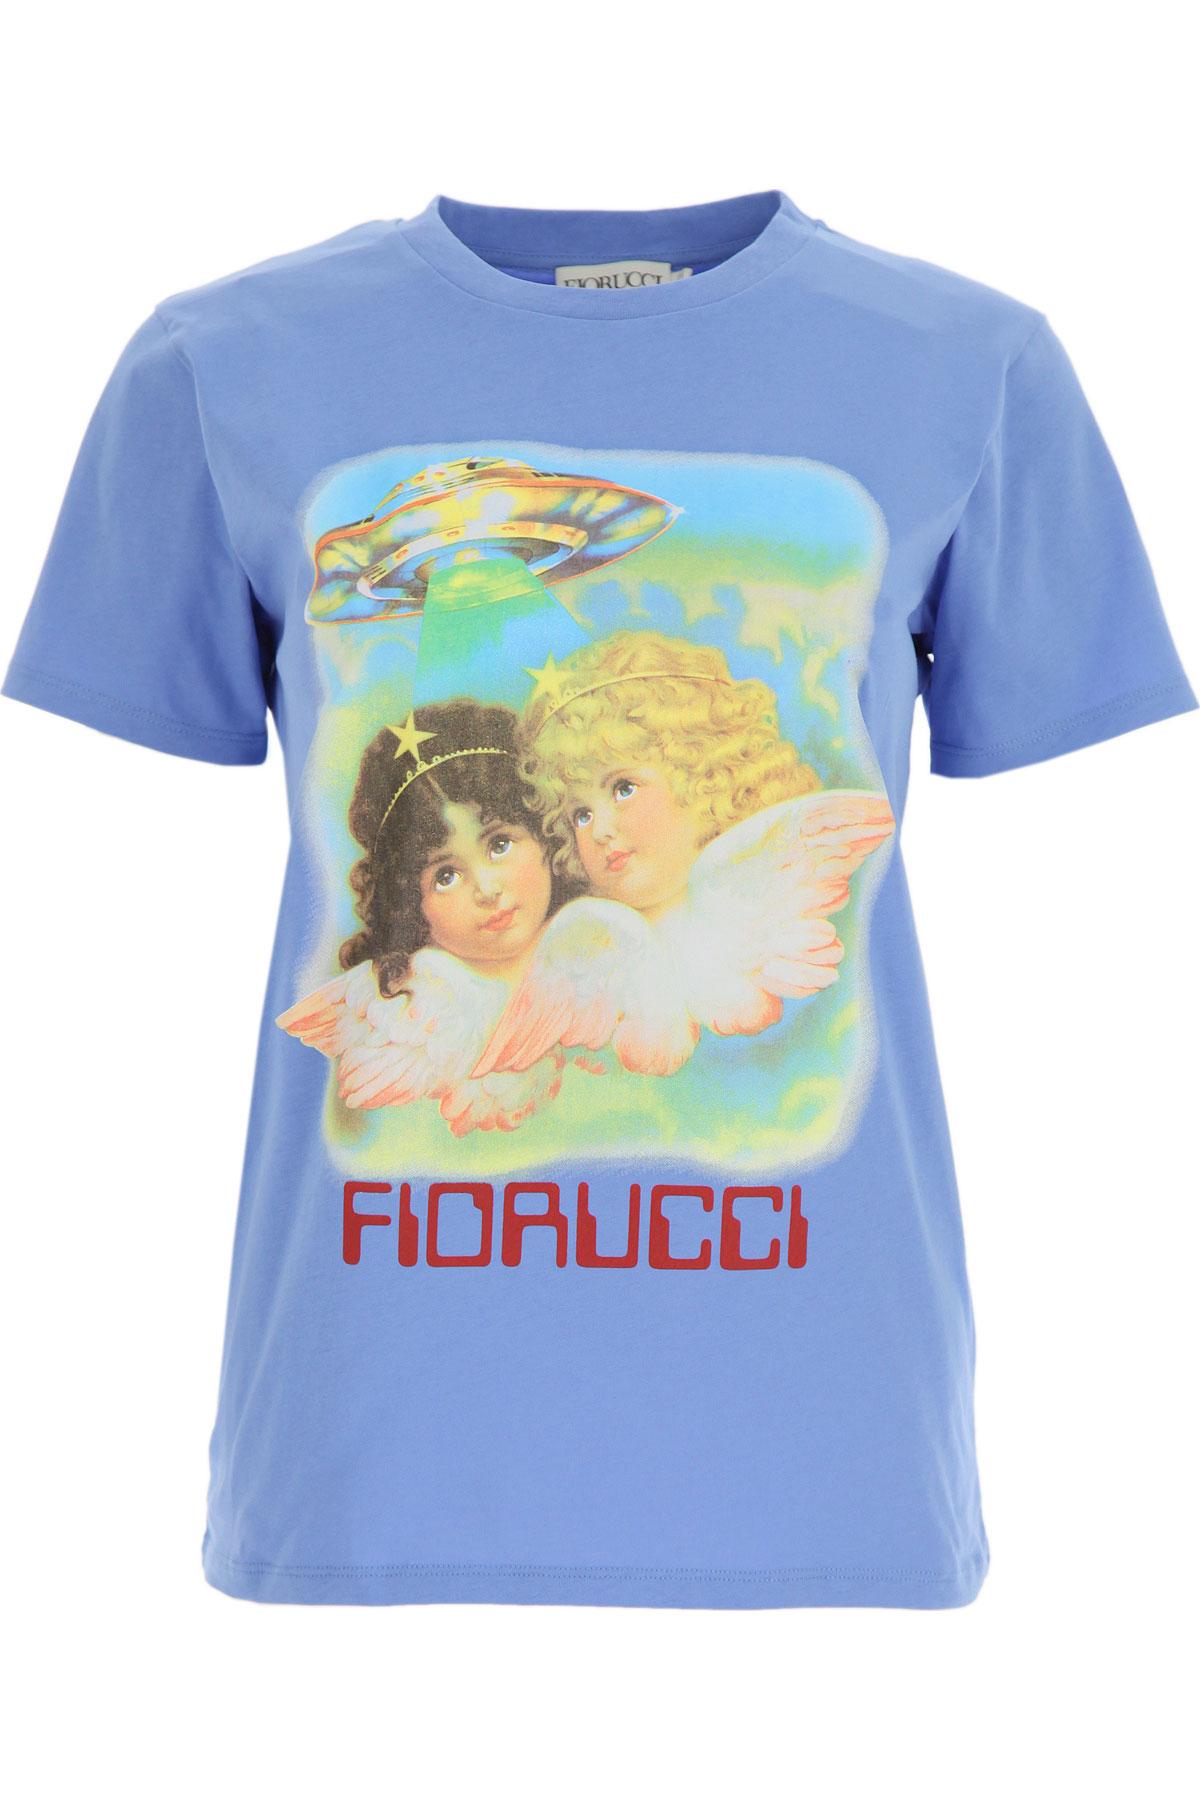 Fiorucci T-Shirt for Women On Sale, Blue, Cotton, 2019, 2 4 6 8